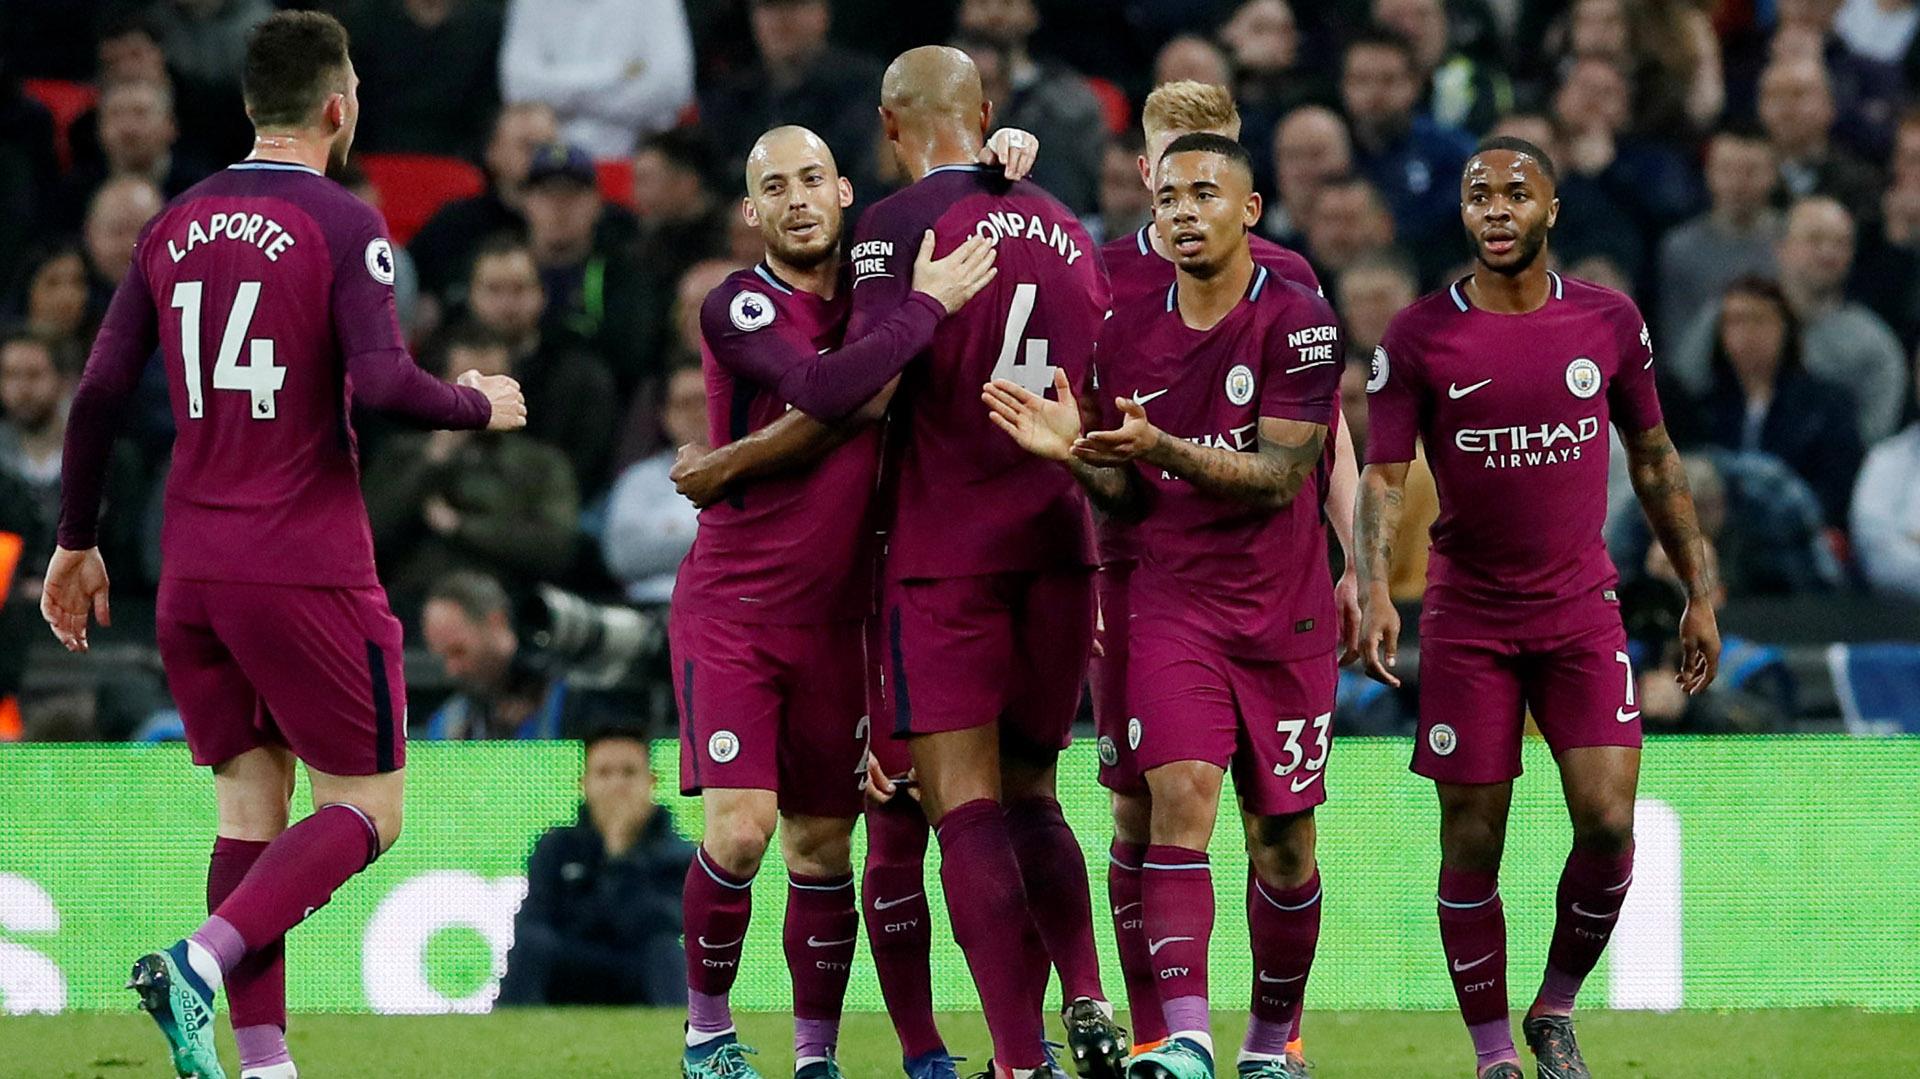 (REUTERS) El Manchester City venció por 3-1 al Tottenham en Londres